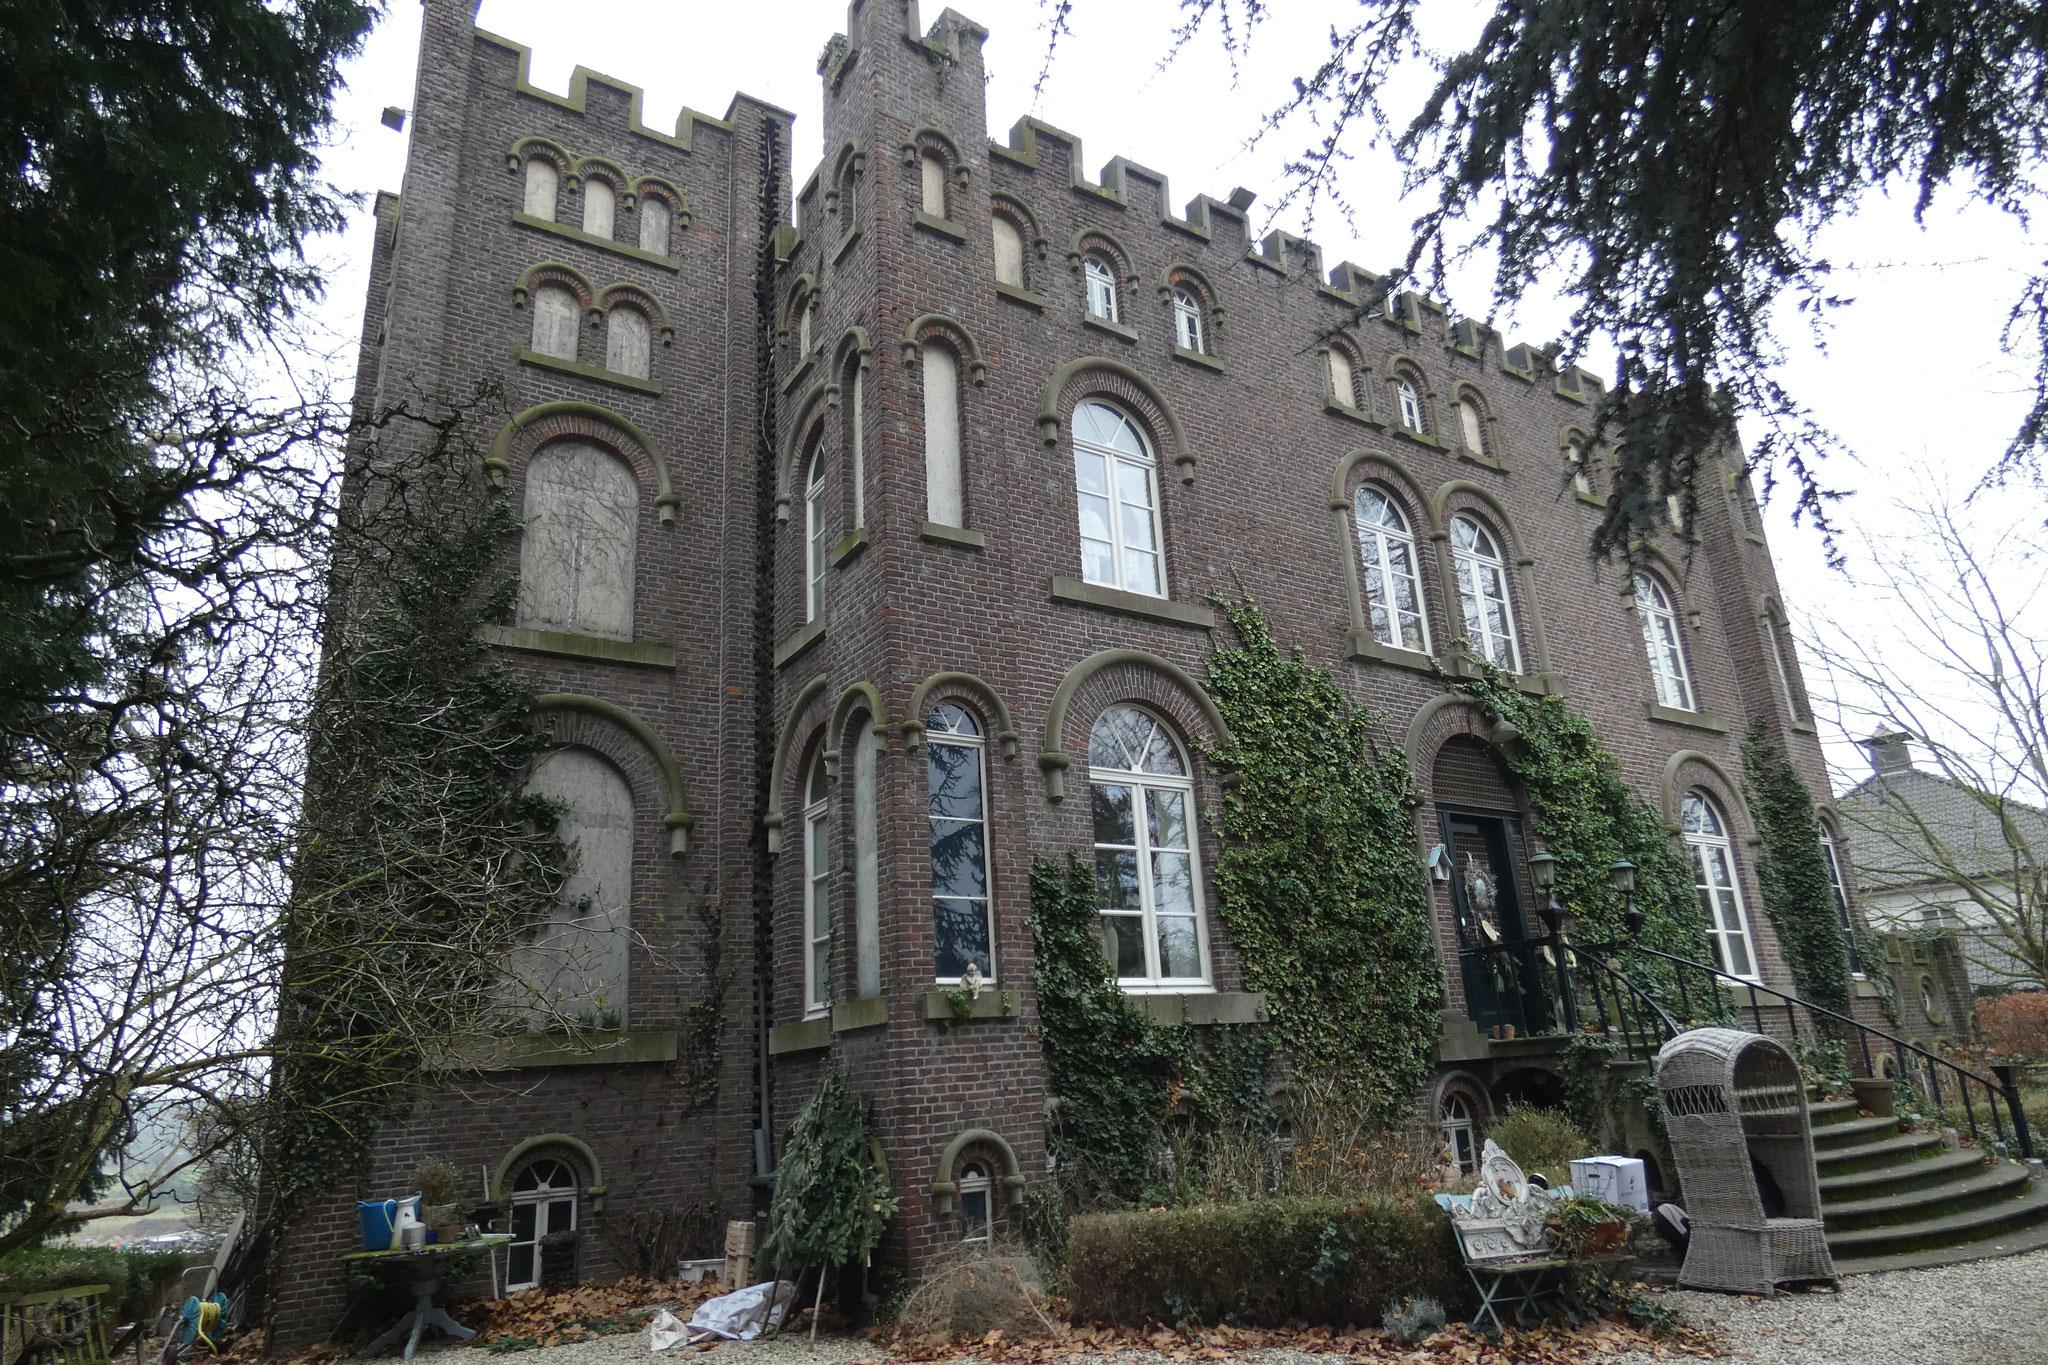 De voorzijde van het huis, met links de hoge toren.